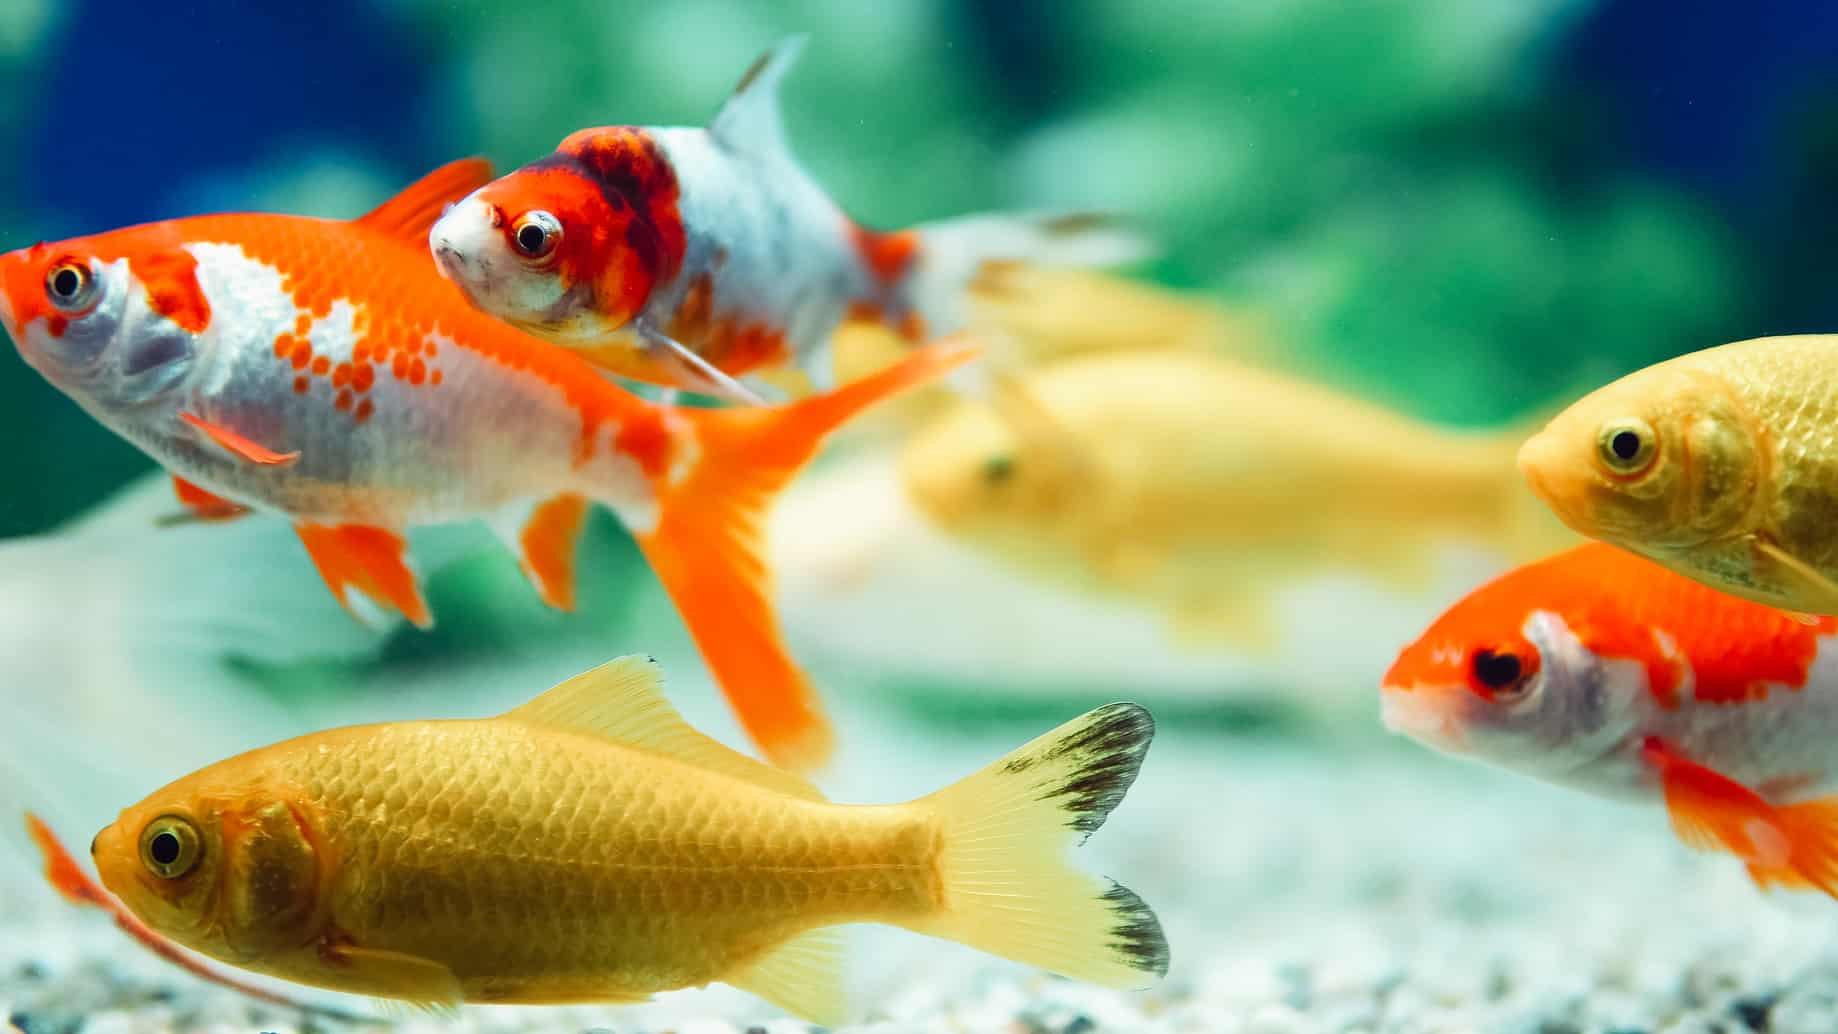 gefahren im aquarium welche rolle sauerstoff f r die fische spielt my fish. Black Bedroom Furniture Sets. Home Design Ideas